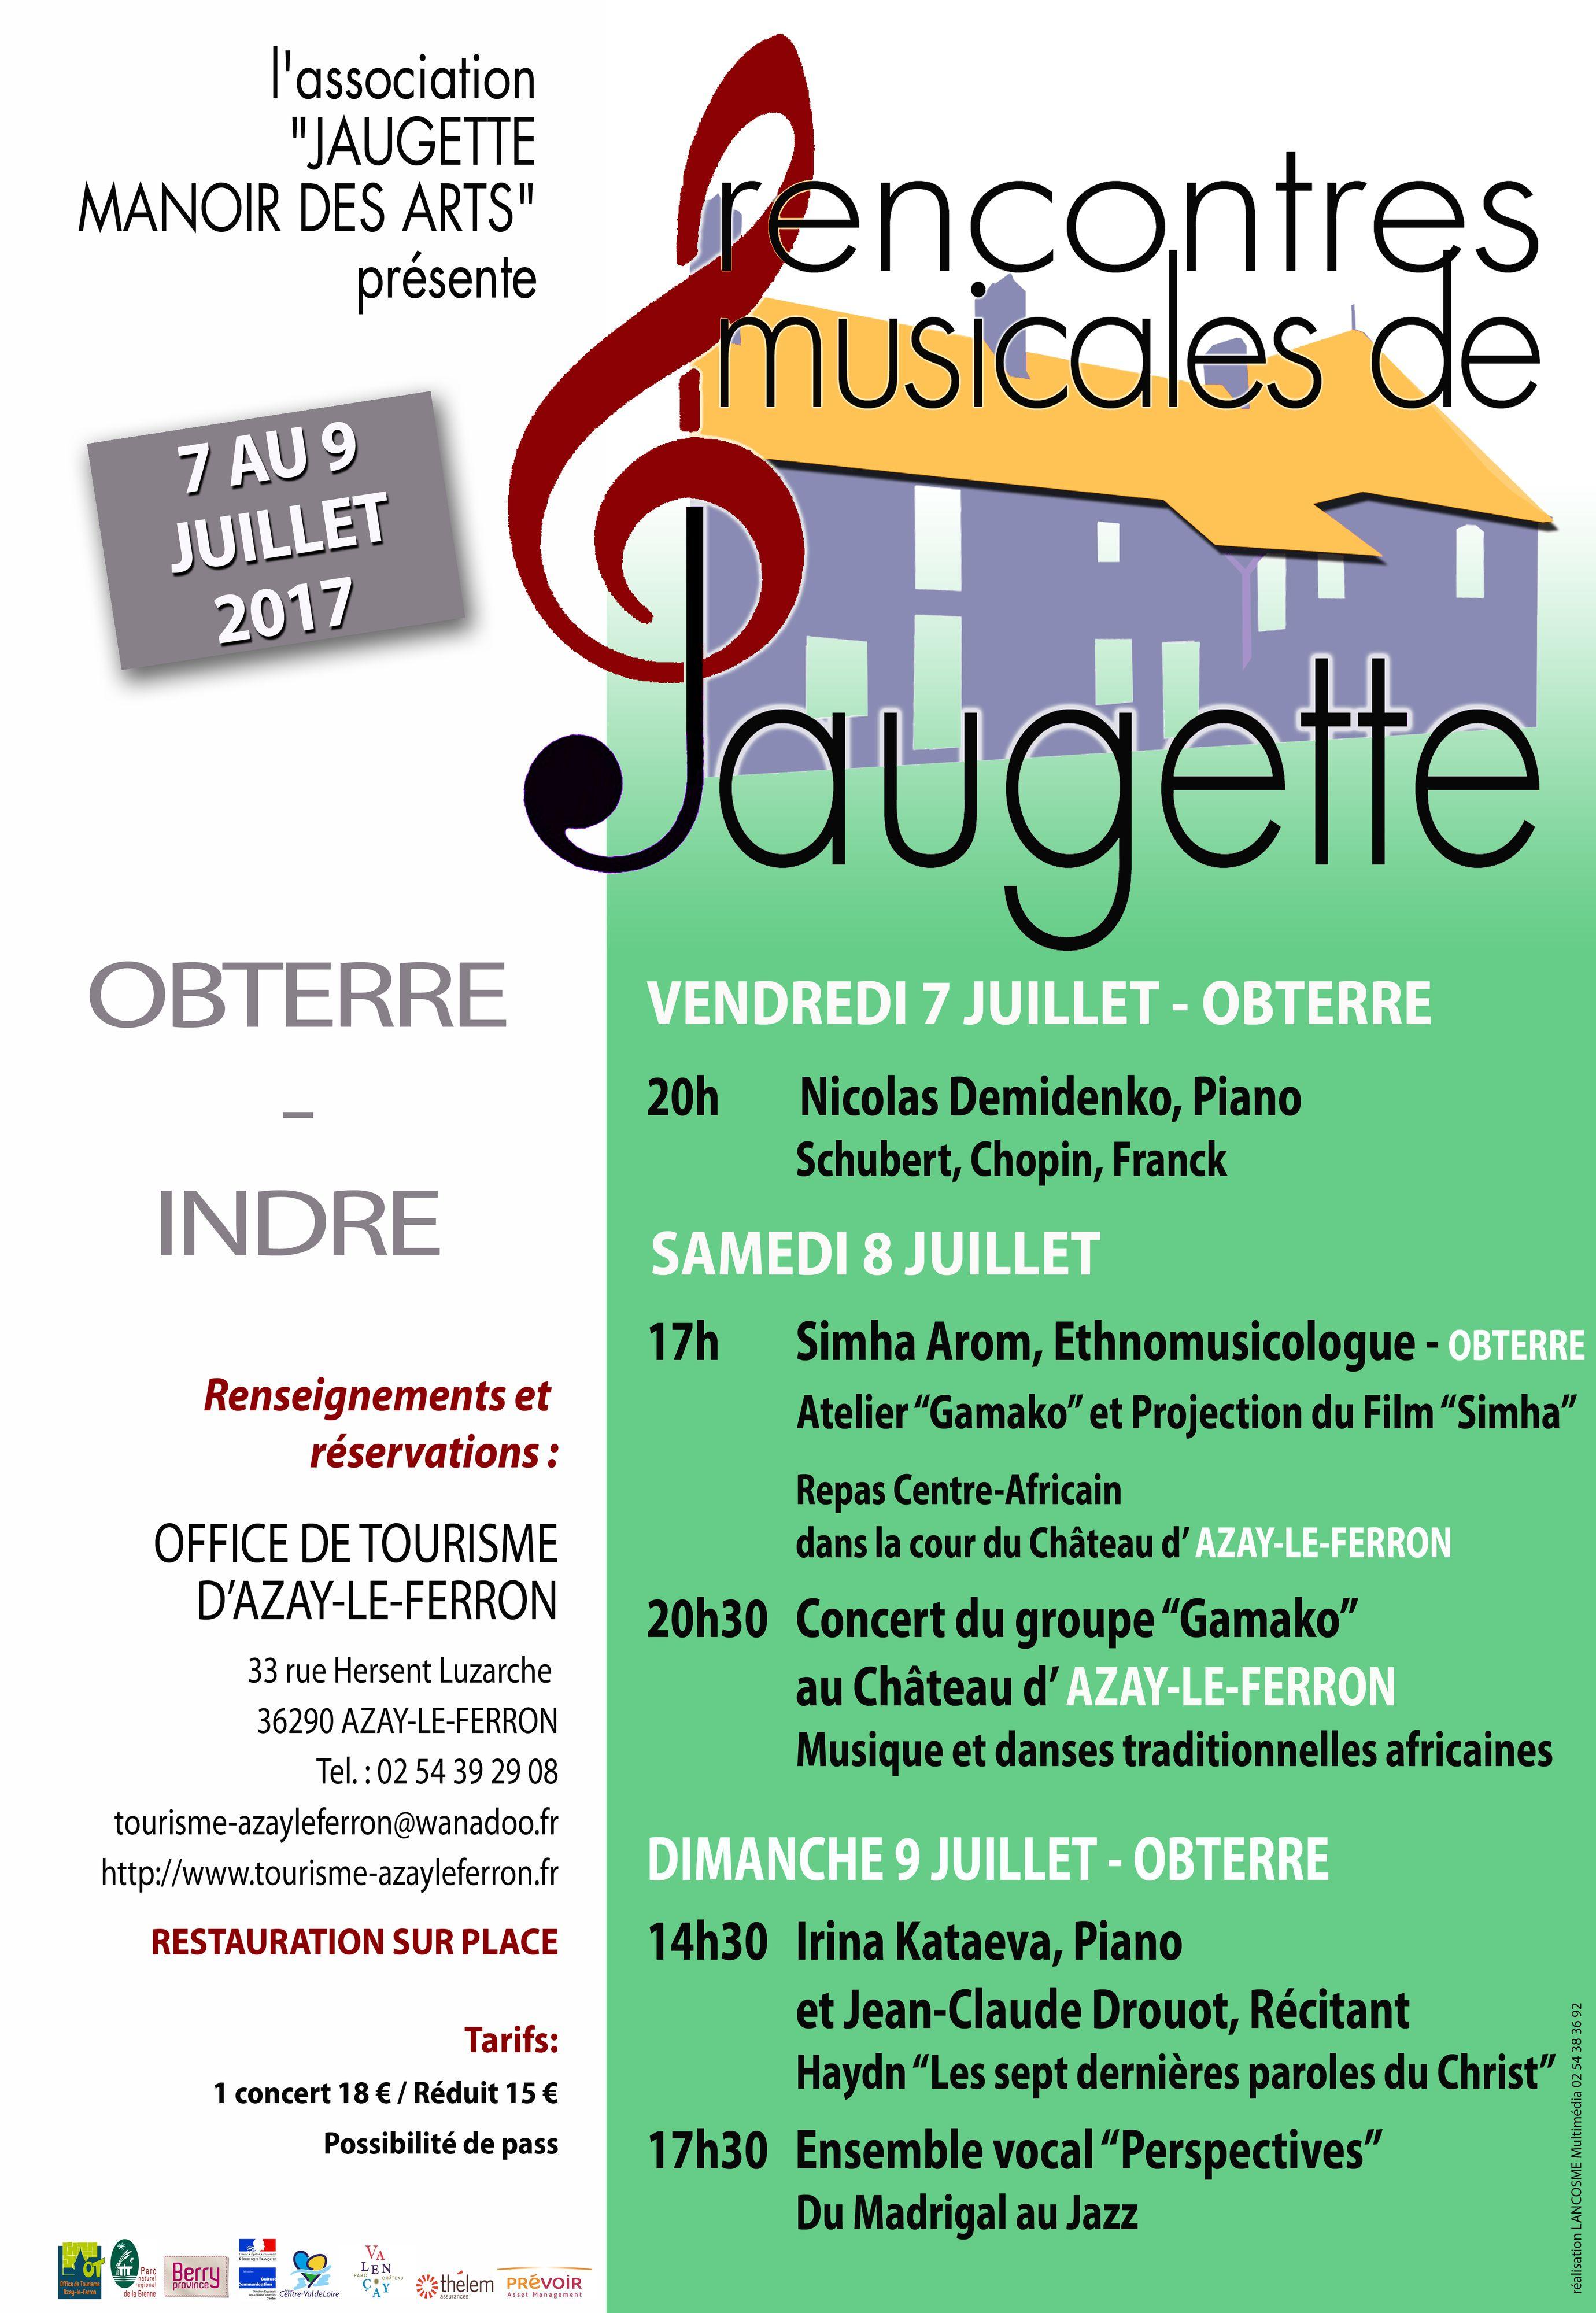 Affiche du festival © Association Jaugette